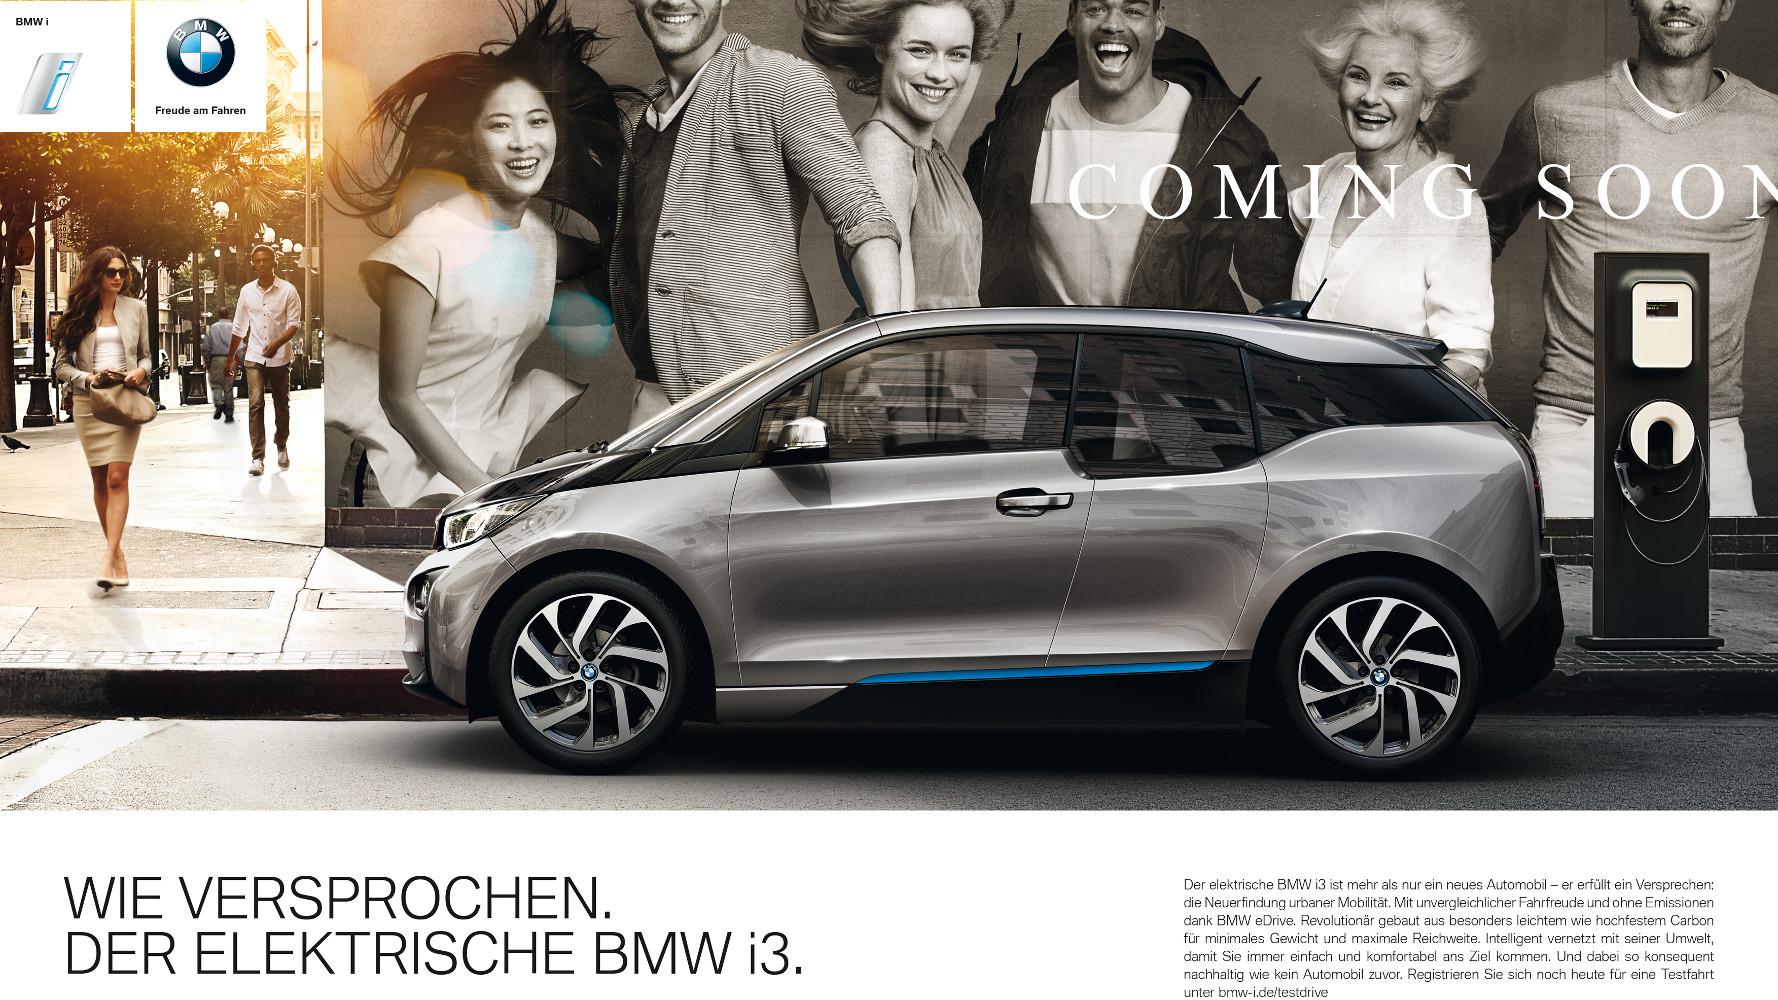 BMW i3 Werbekampagne 'Wie versprochen.' Wirklich?